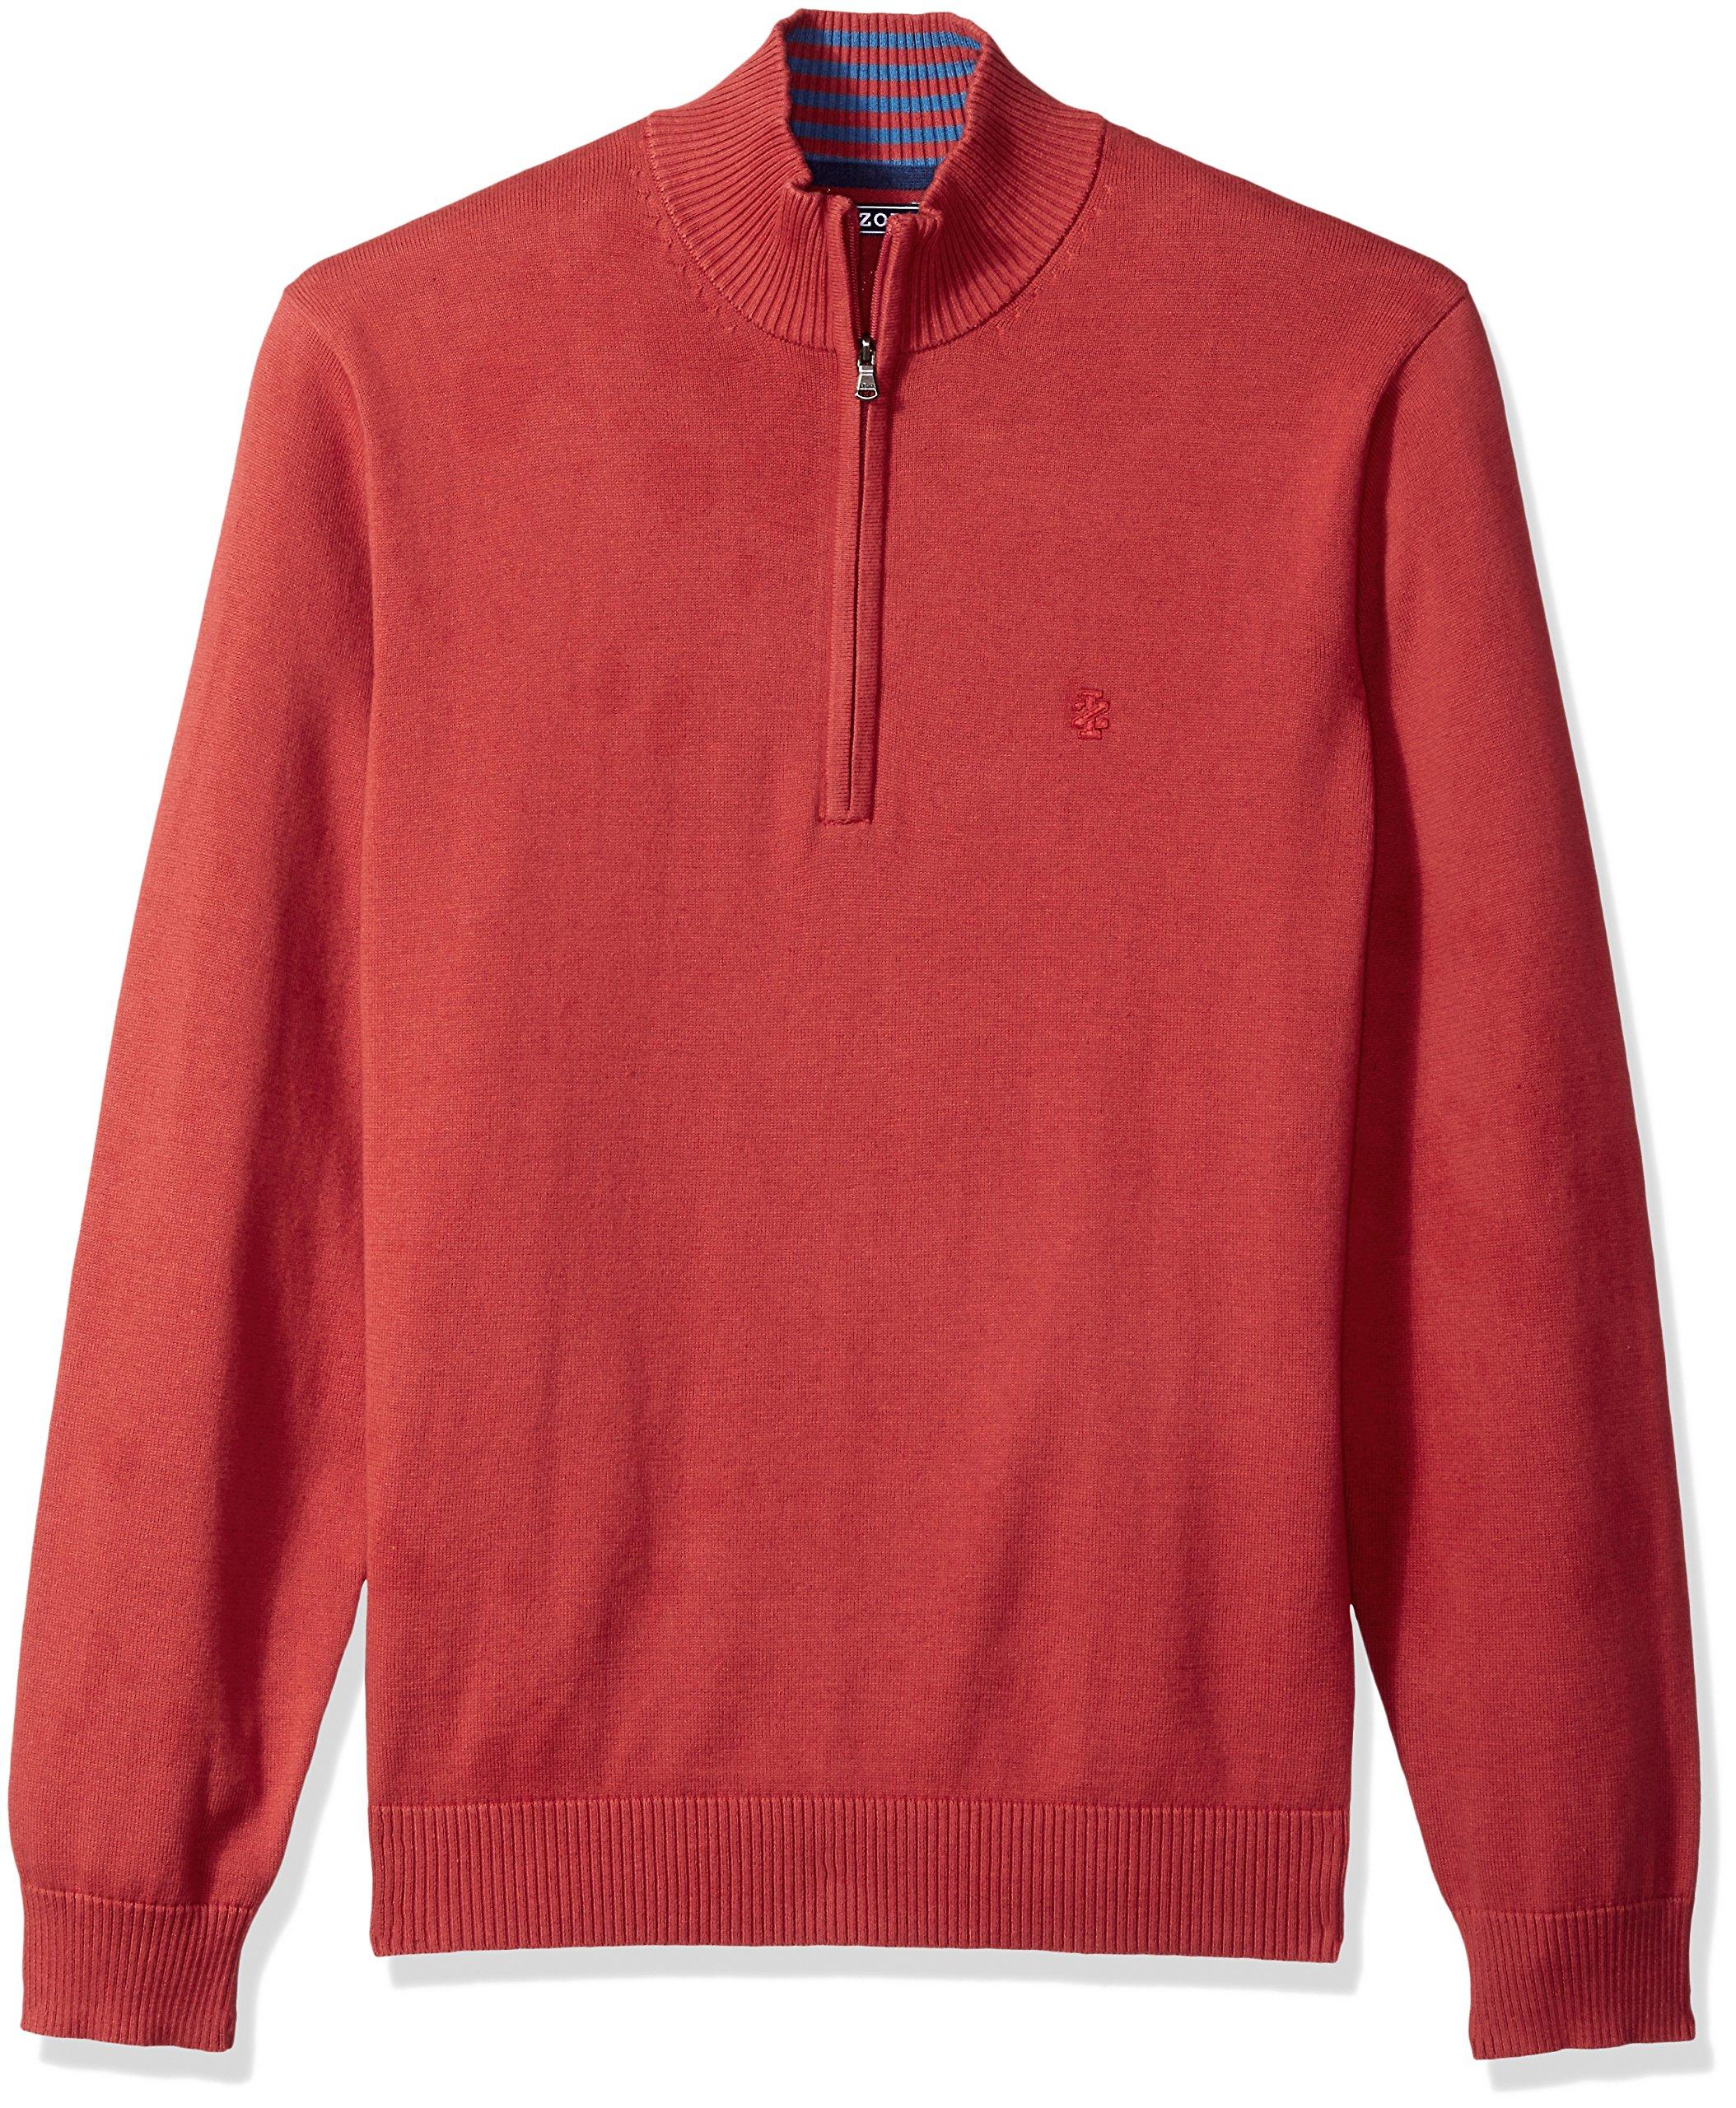 IZOD Men's Fine Gauge Solid 1/4 Zip Sweater, Saltwater Red, Small